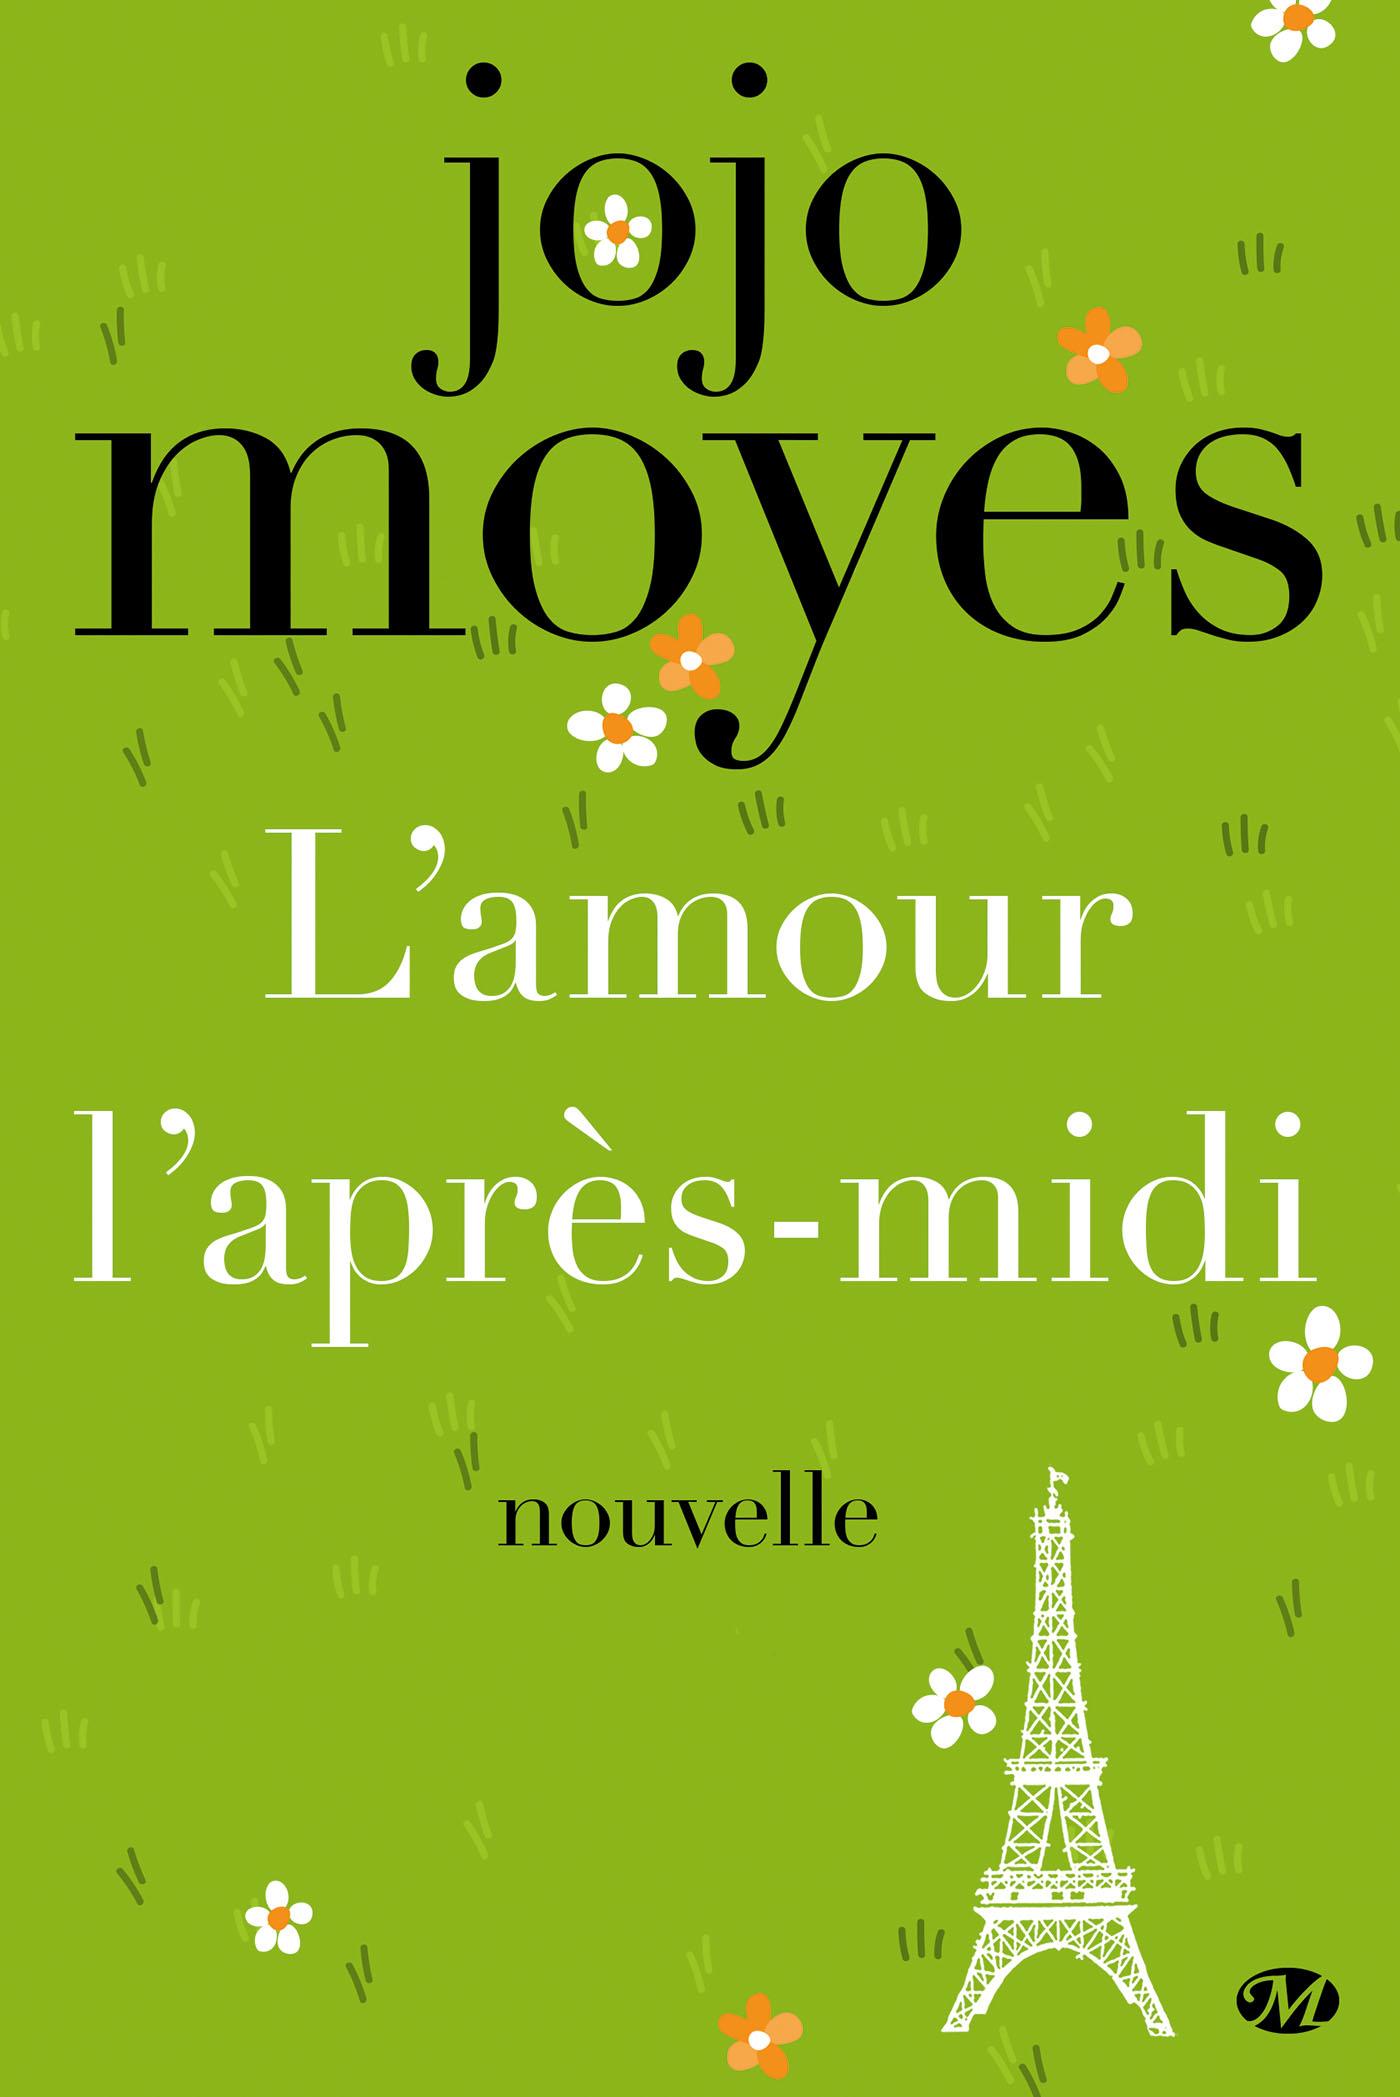 L'amour l'après-midi - Jojo Moyes